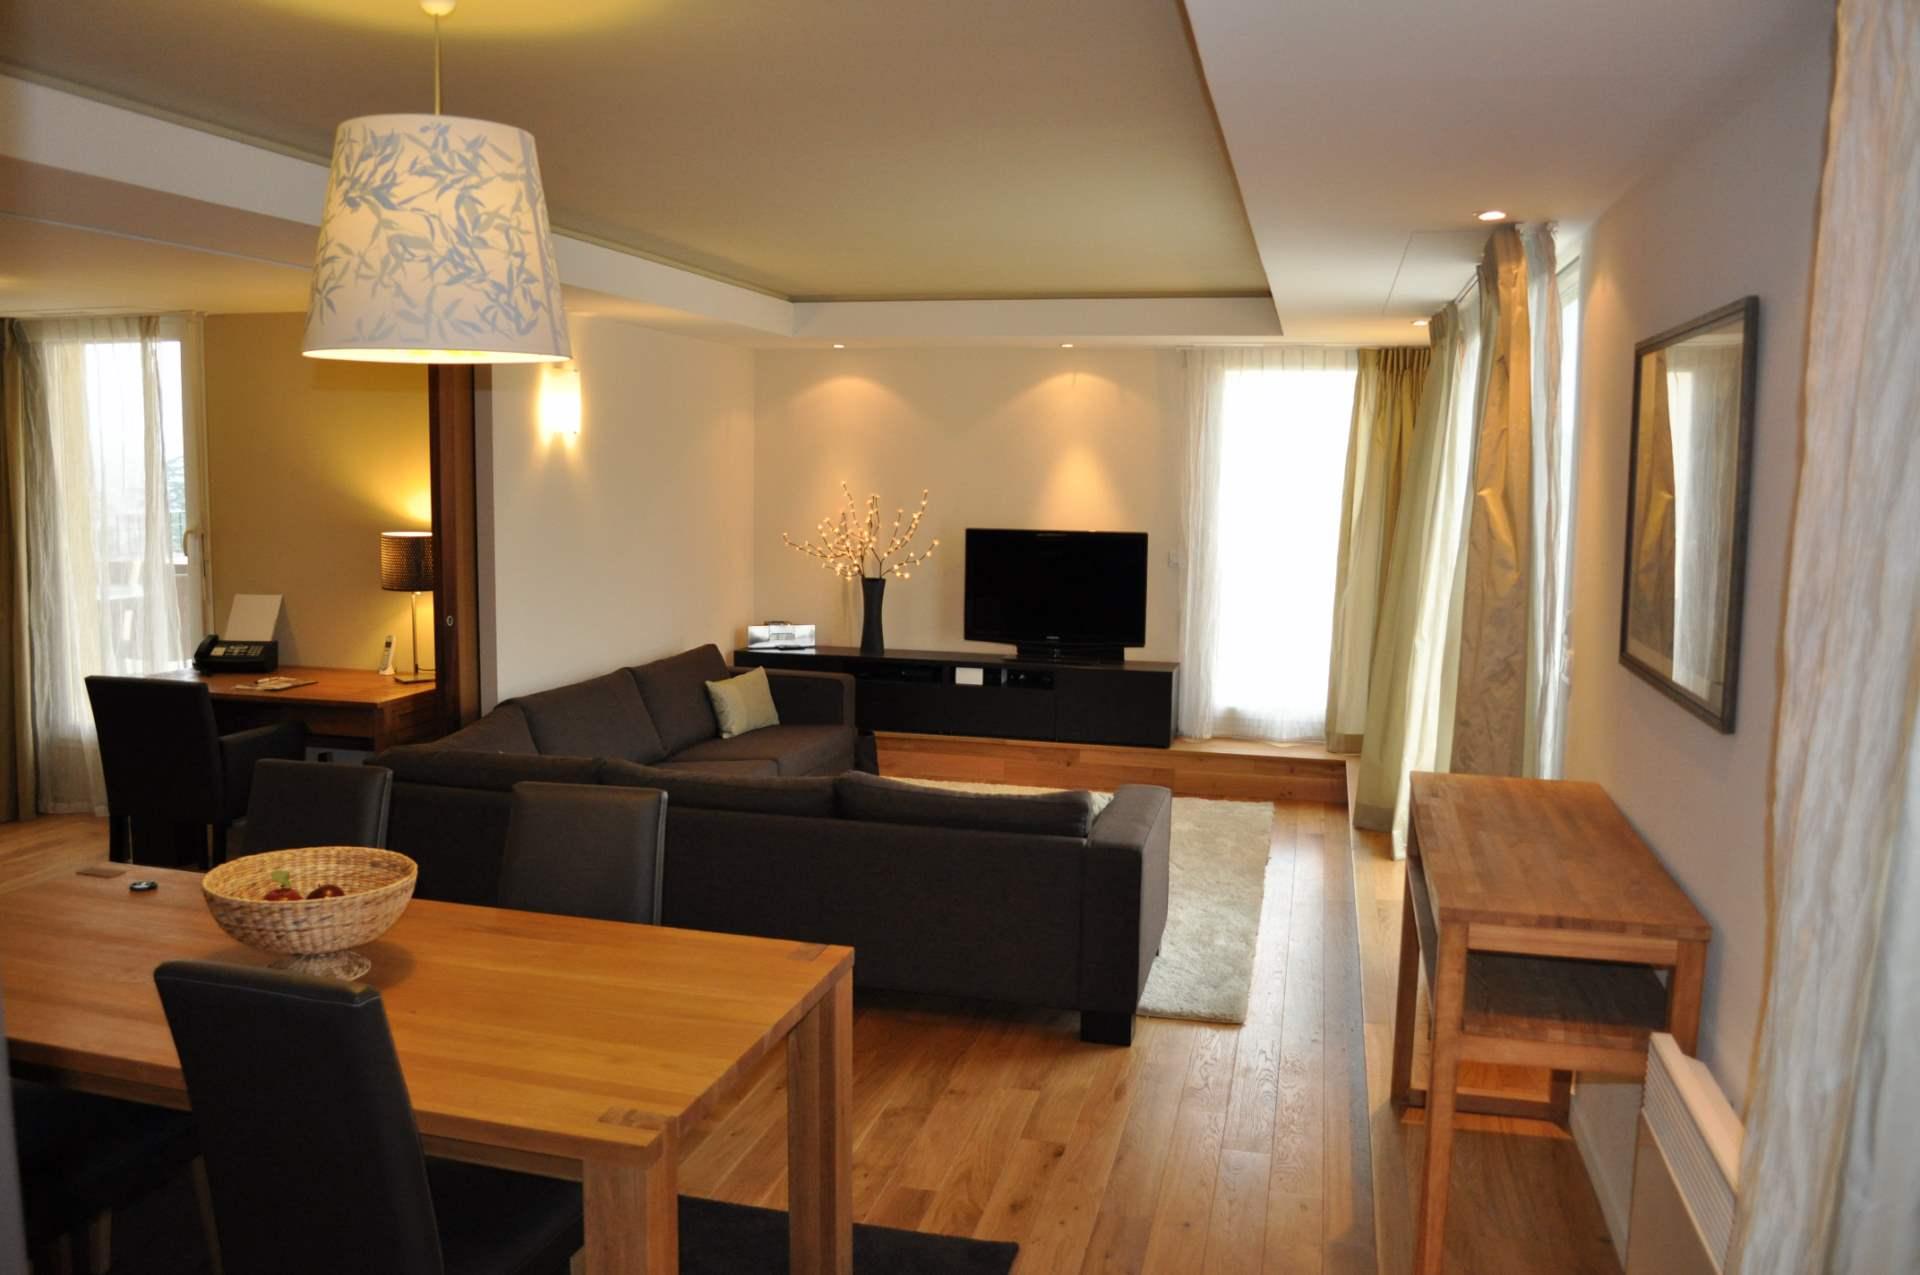 architecte saint maximin am nagement d 39 un appartement. Black Bedroom Furniture Sets. Home Design Ideas